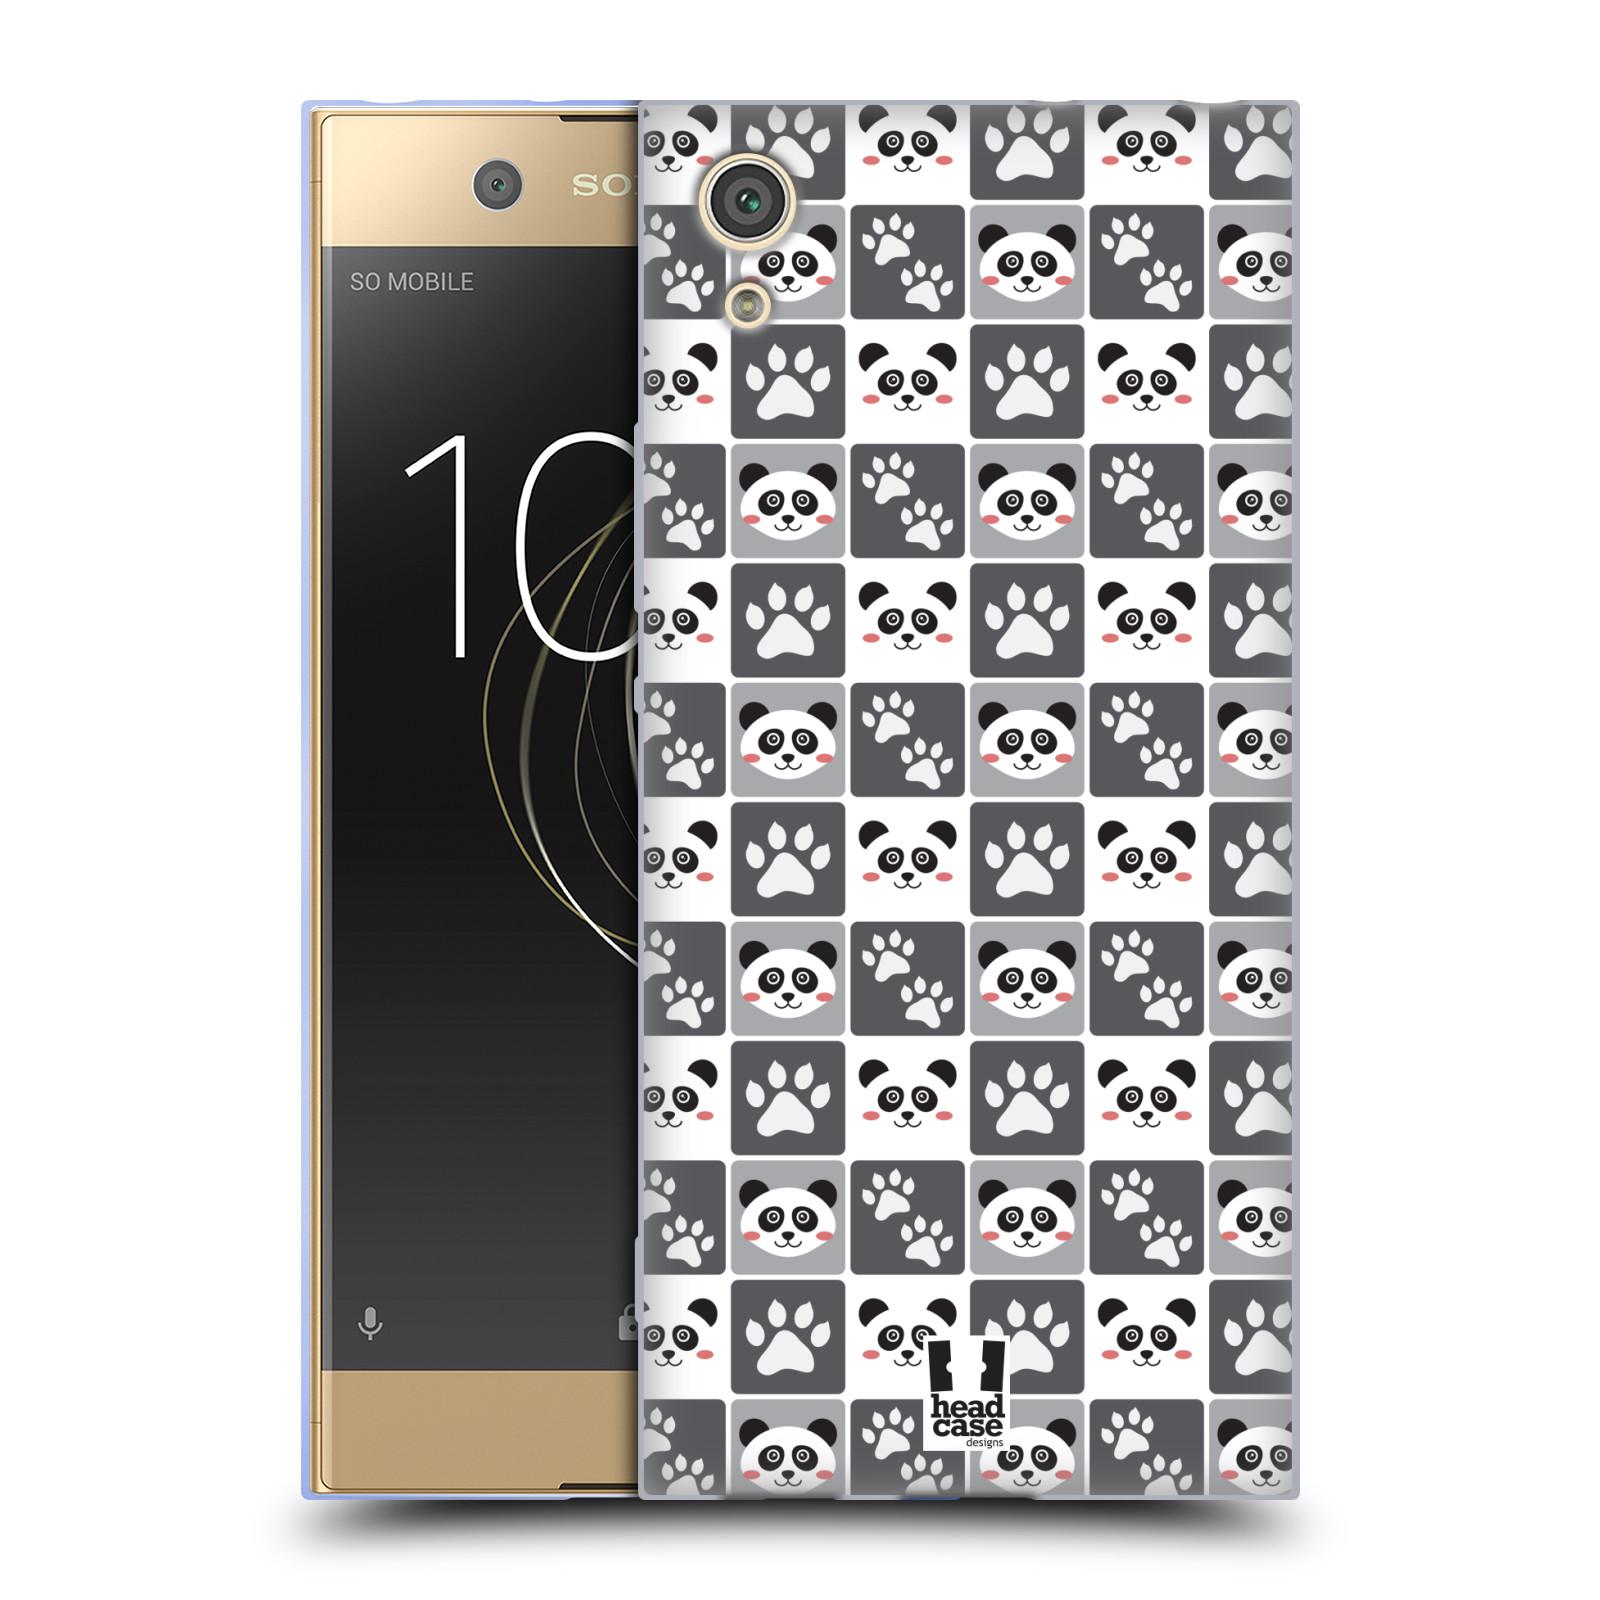 HEAD CASE silikonový obal na mobil Sony Xperia XA1 / XA1 DUAL SIM vzor Zvířecí razítka MEDVÍDEK PANDA